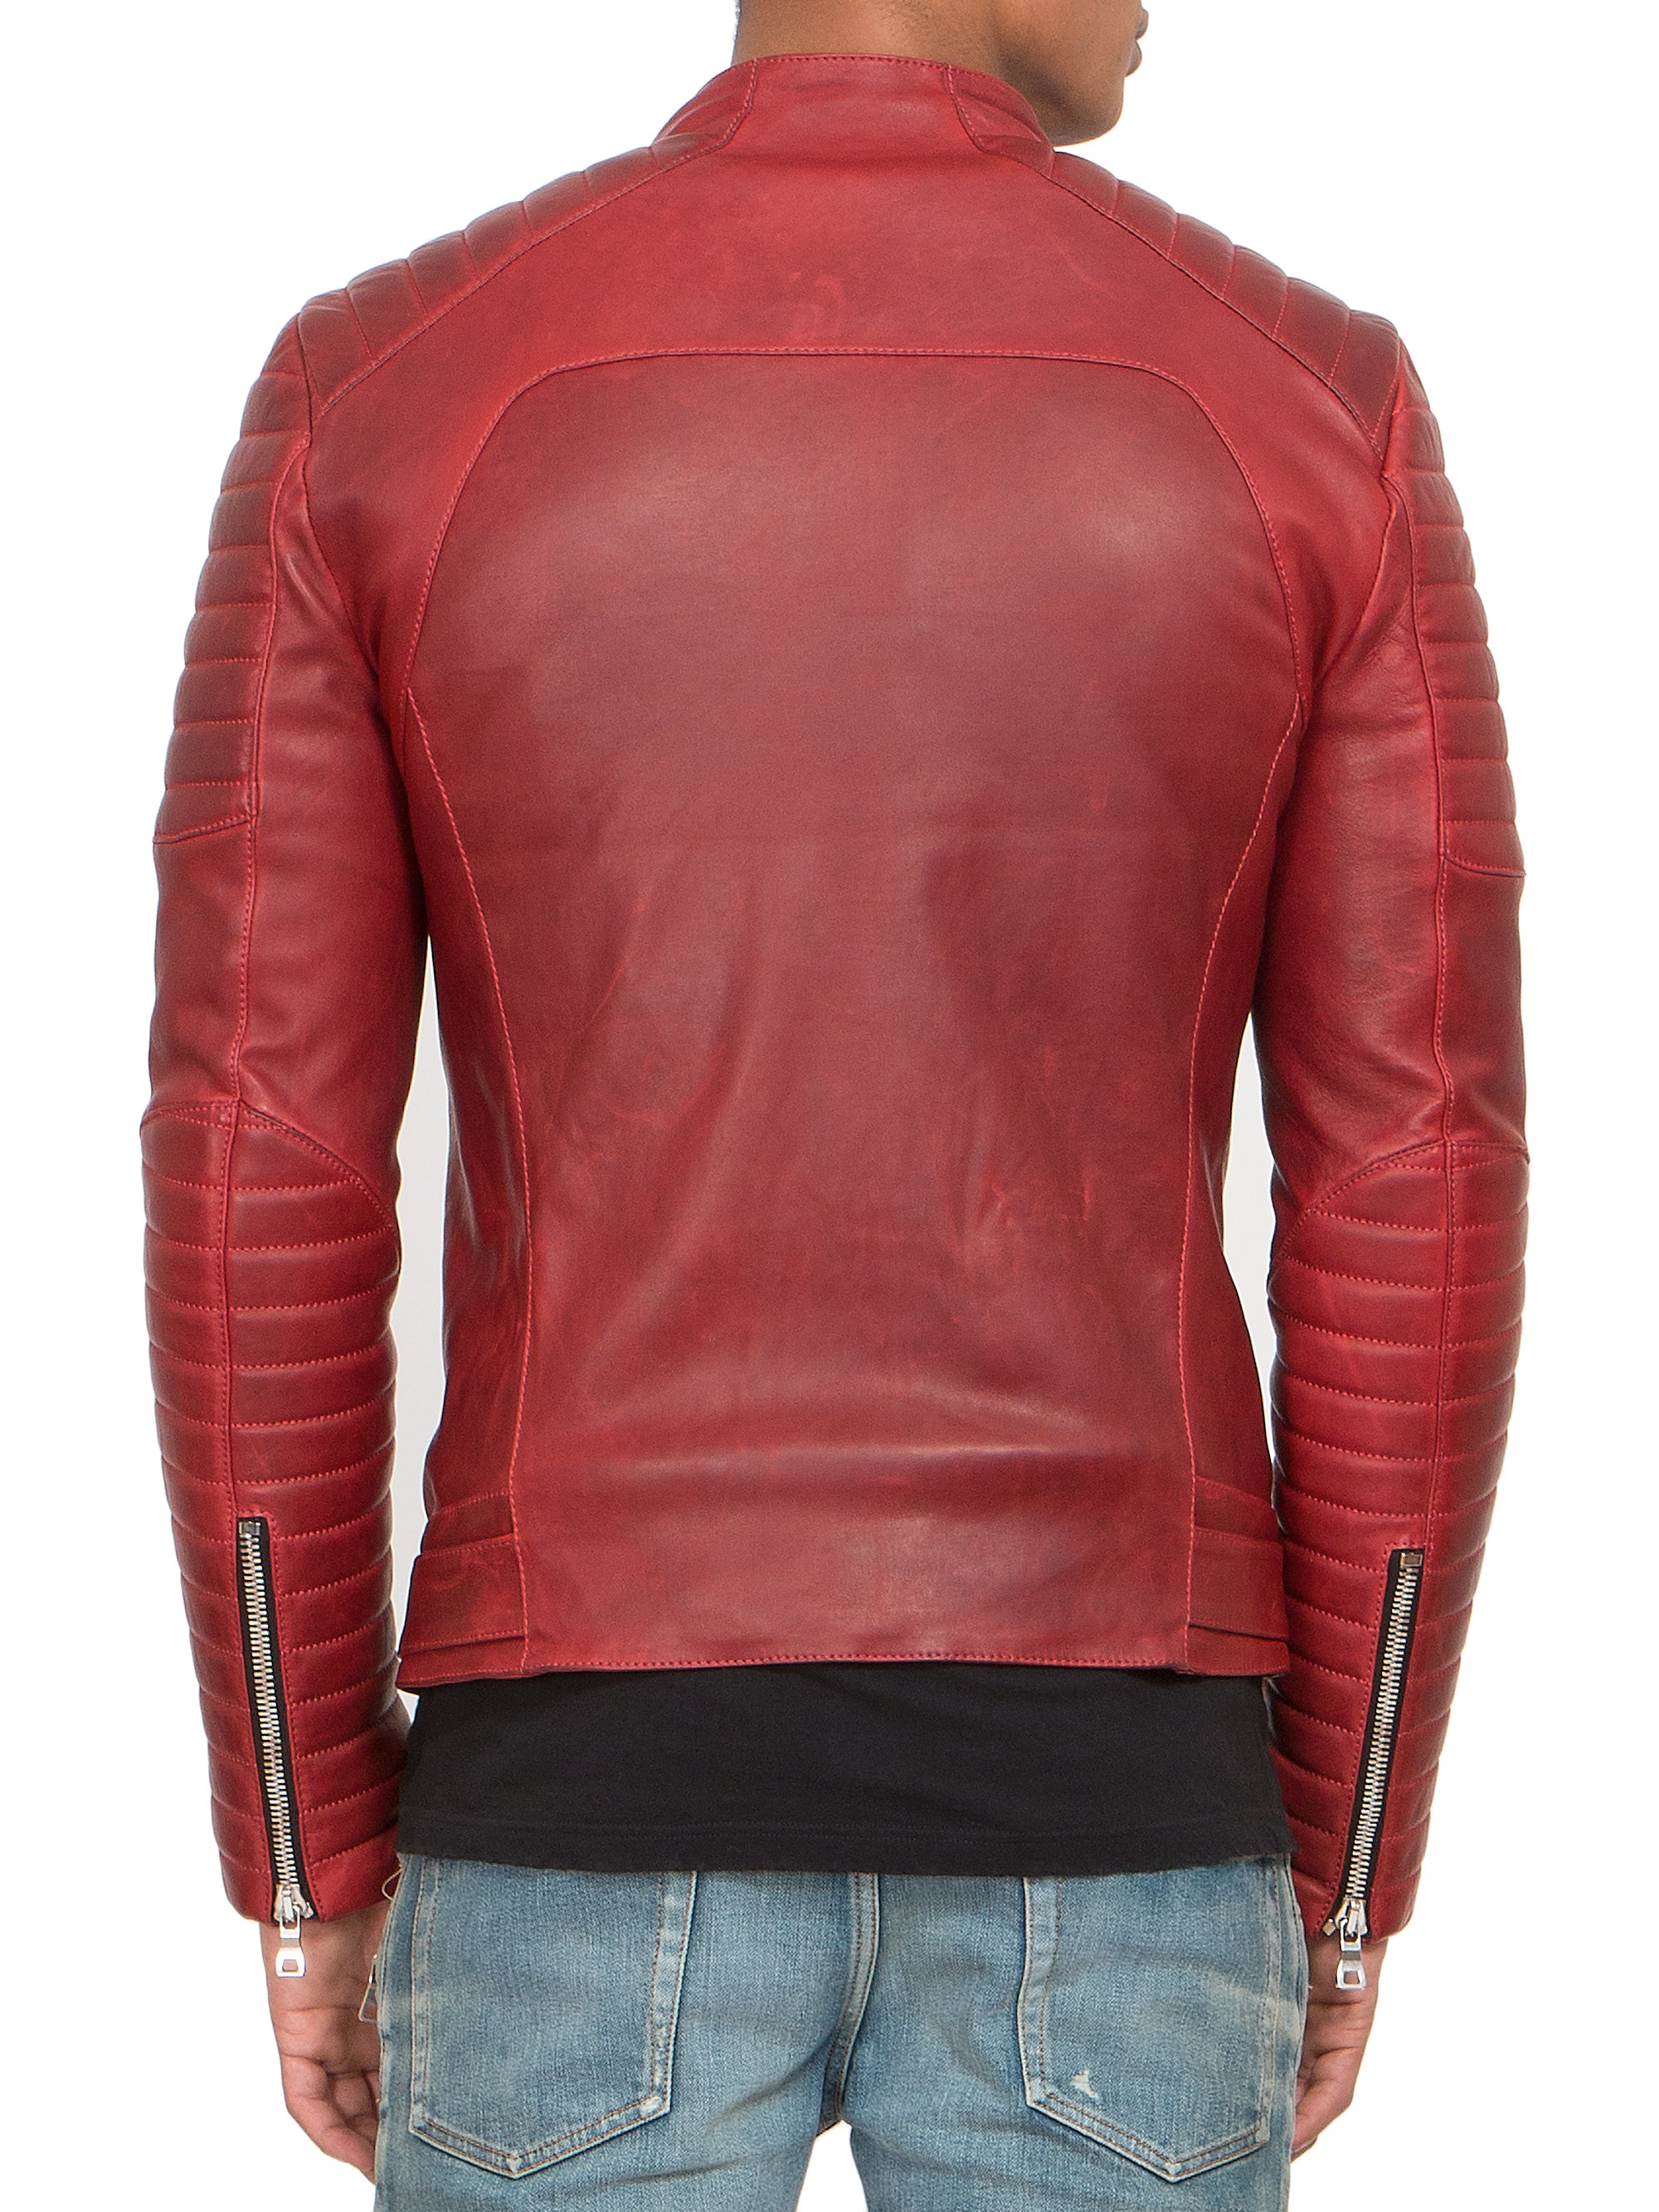 Jacket shell Balmain Quilted Biker Balmain Quilted Biker Jacket shell addZq7vnr